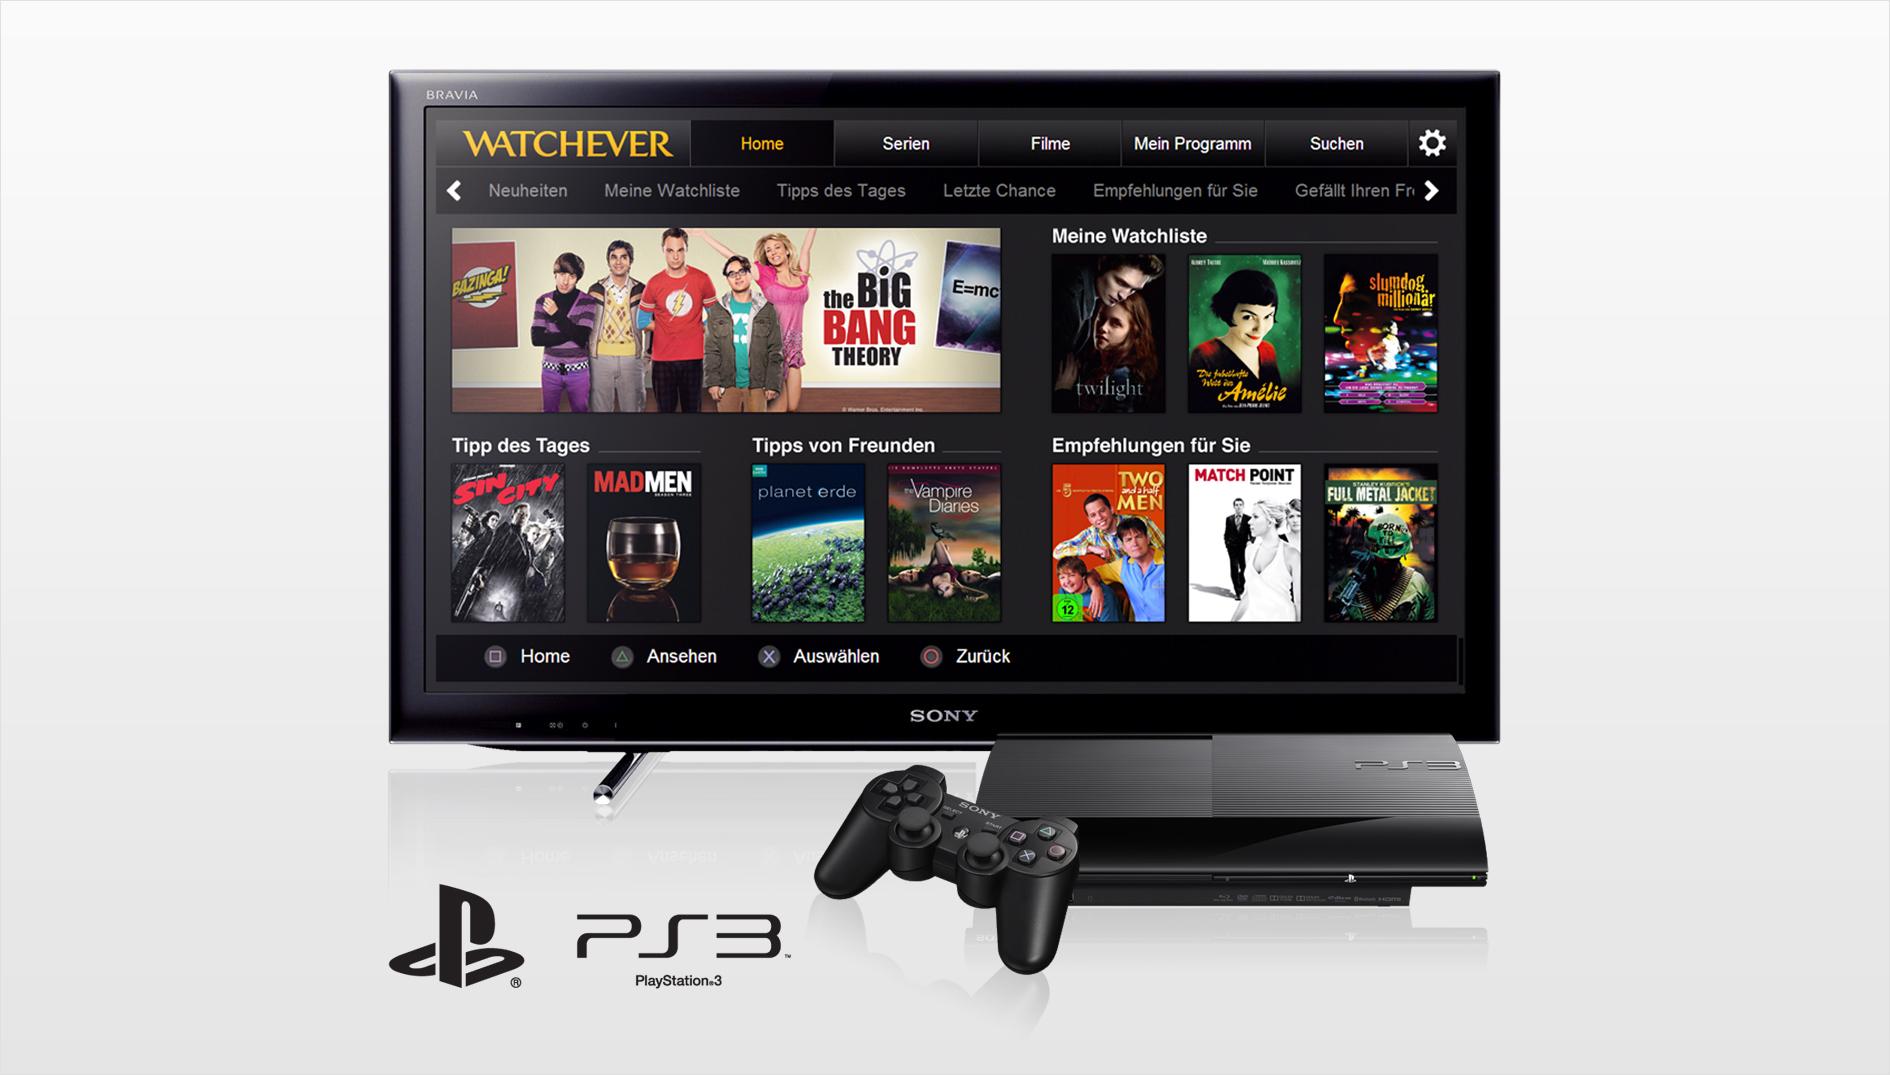 Watchever   Video on Demand App für PS3 und PS4 im Detail